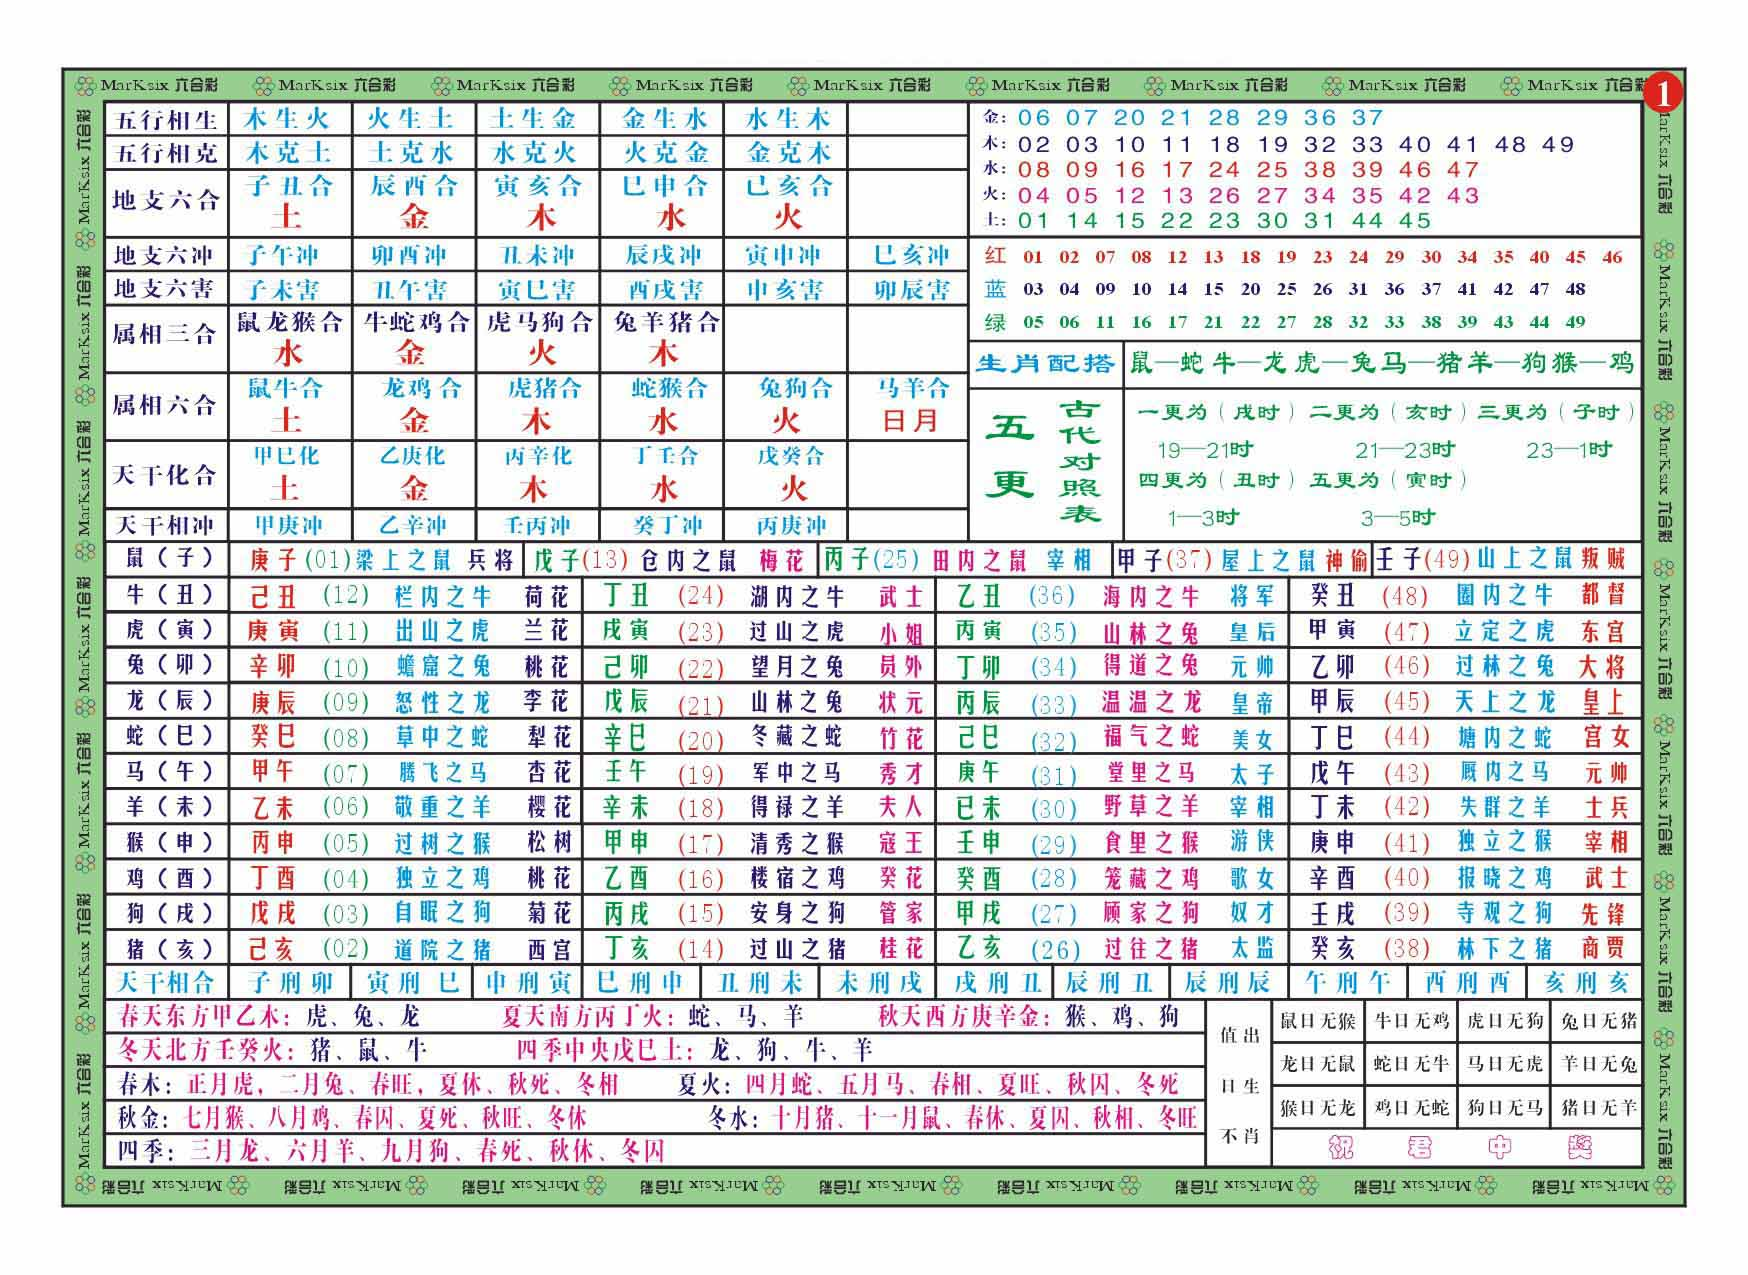 →→→2020年生肖波色表←←←